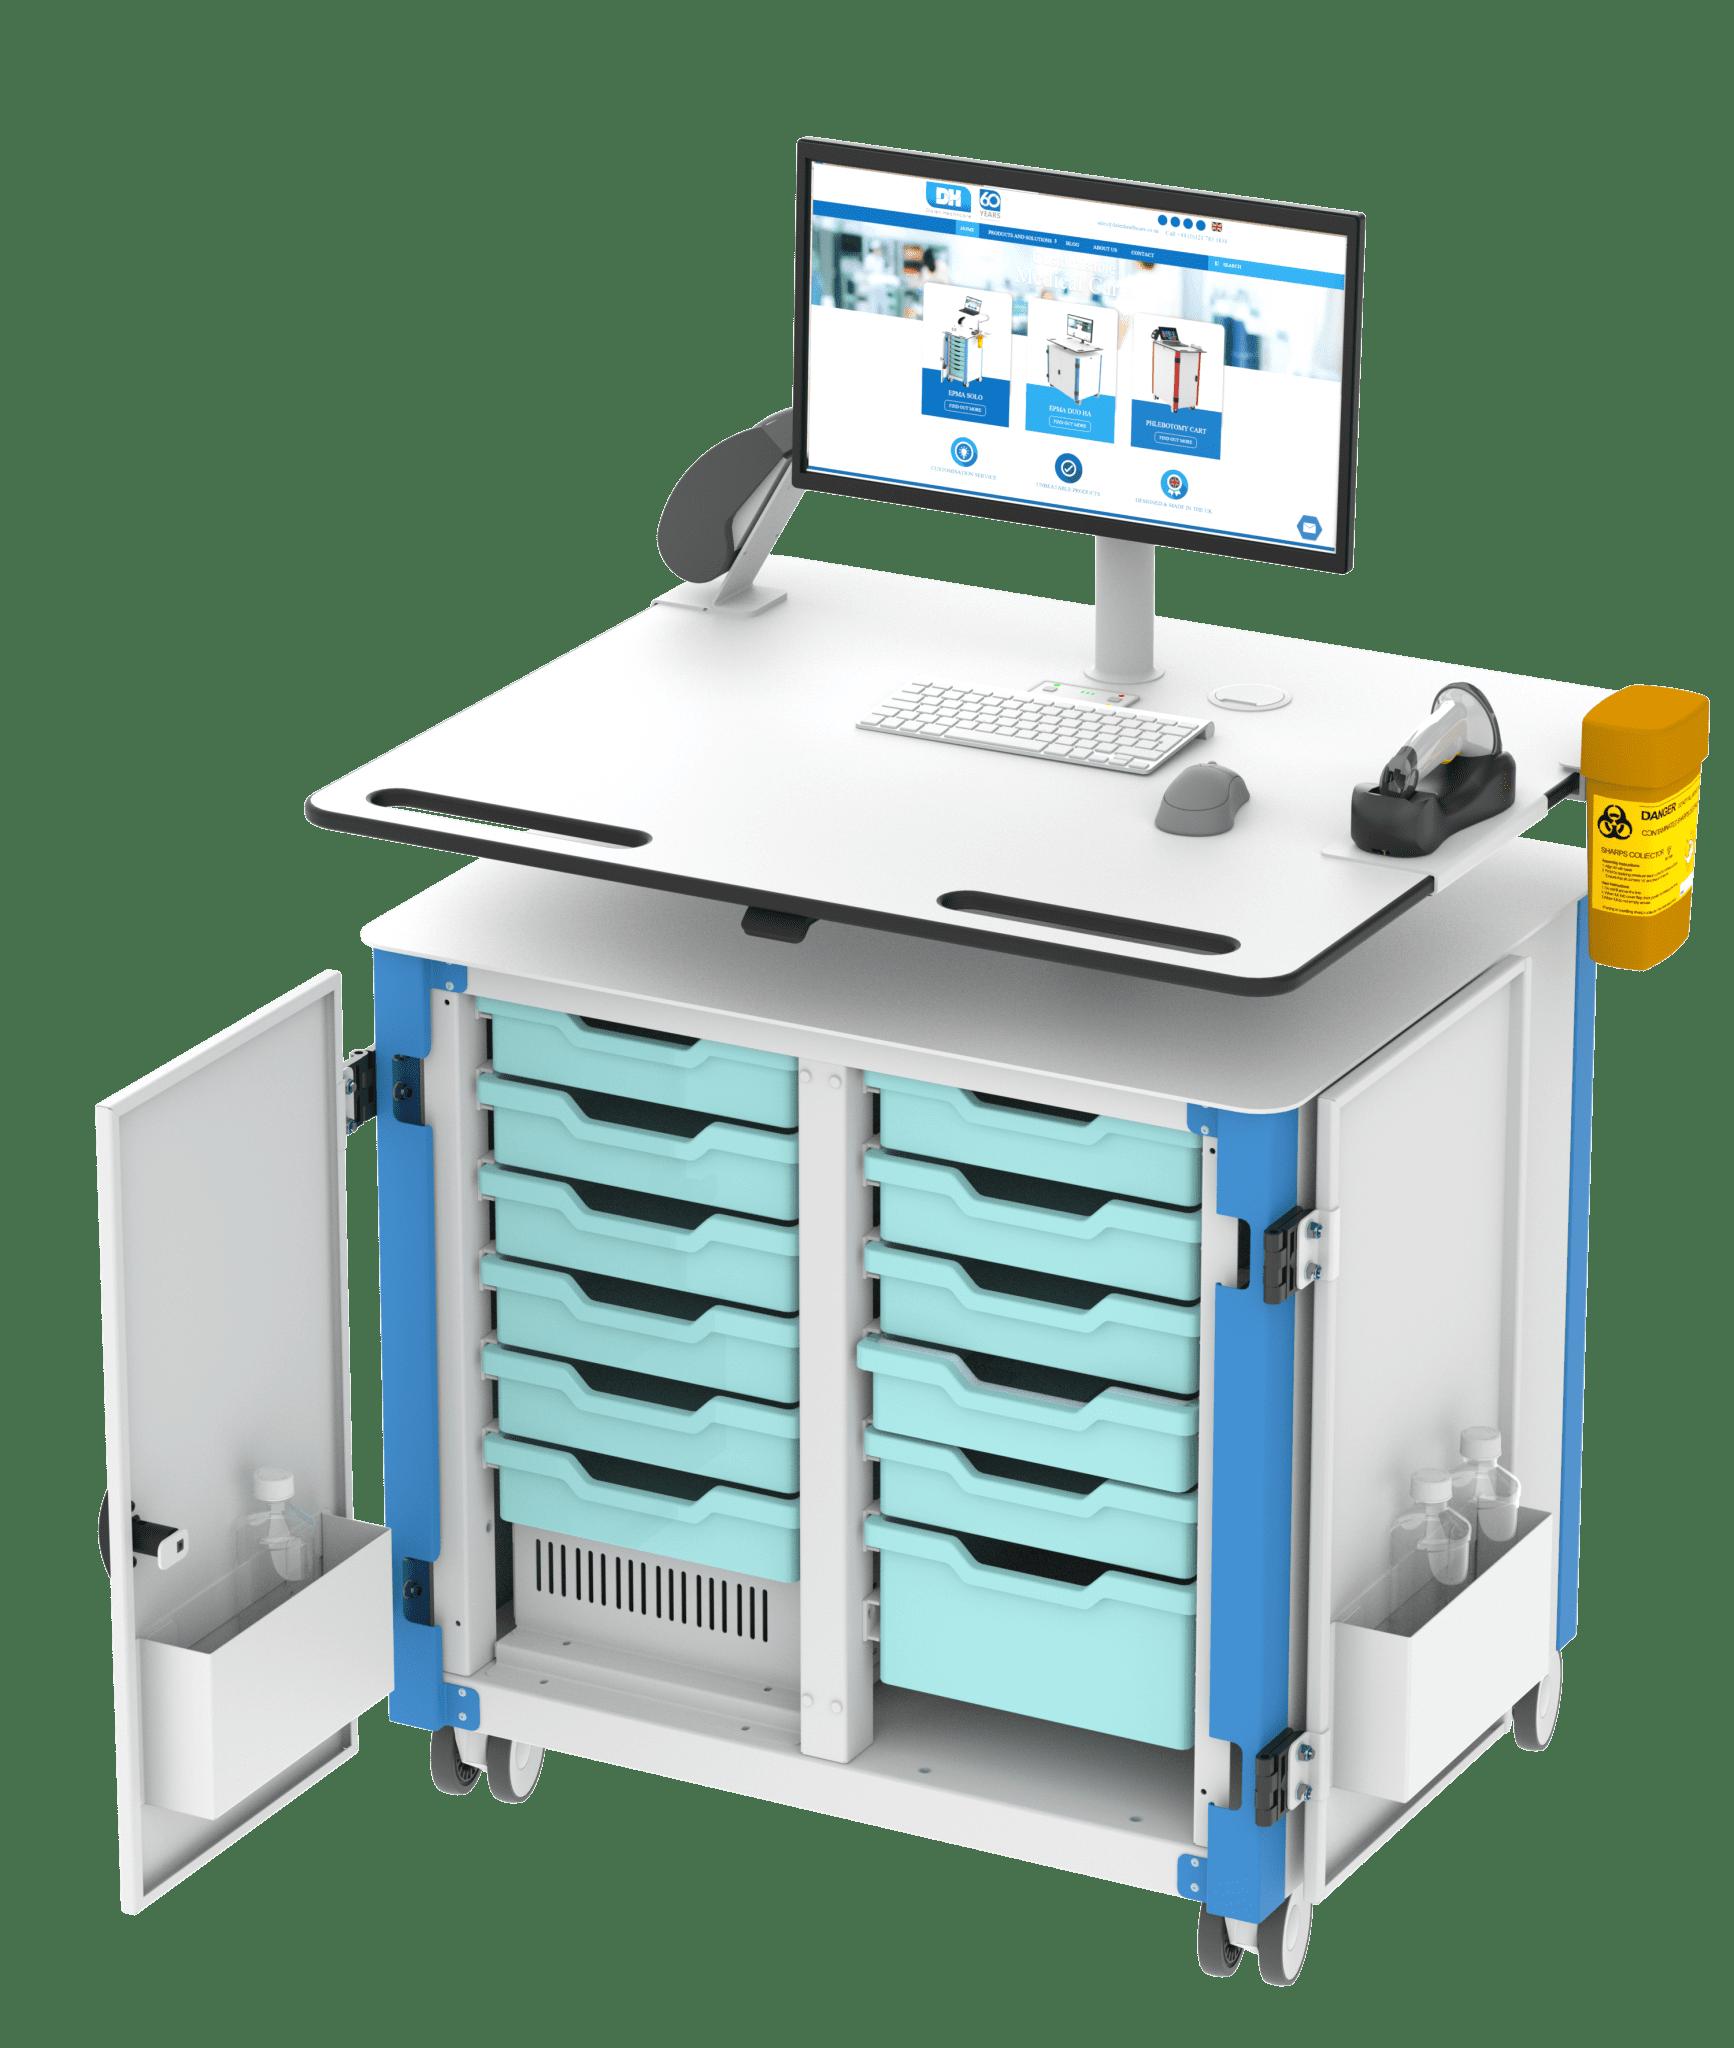 OmniCart Duo Pro